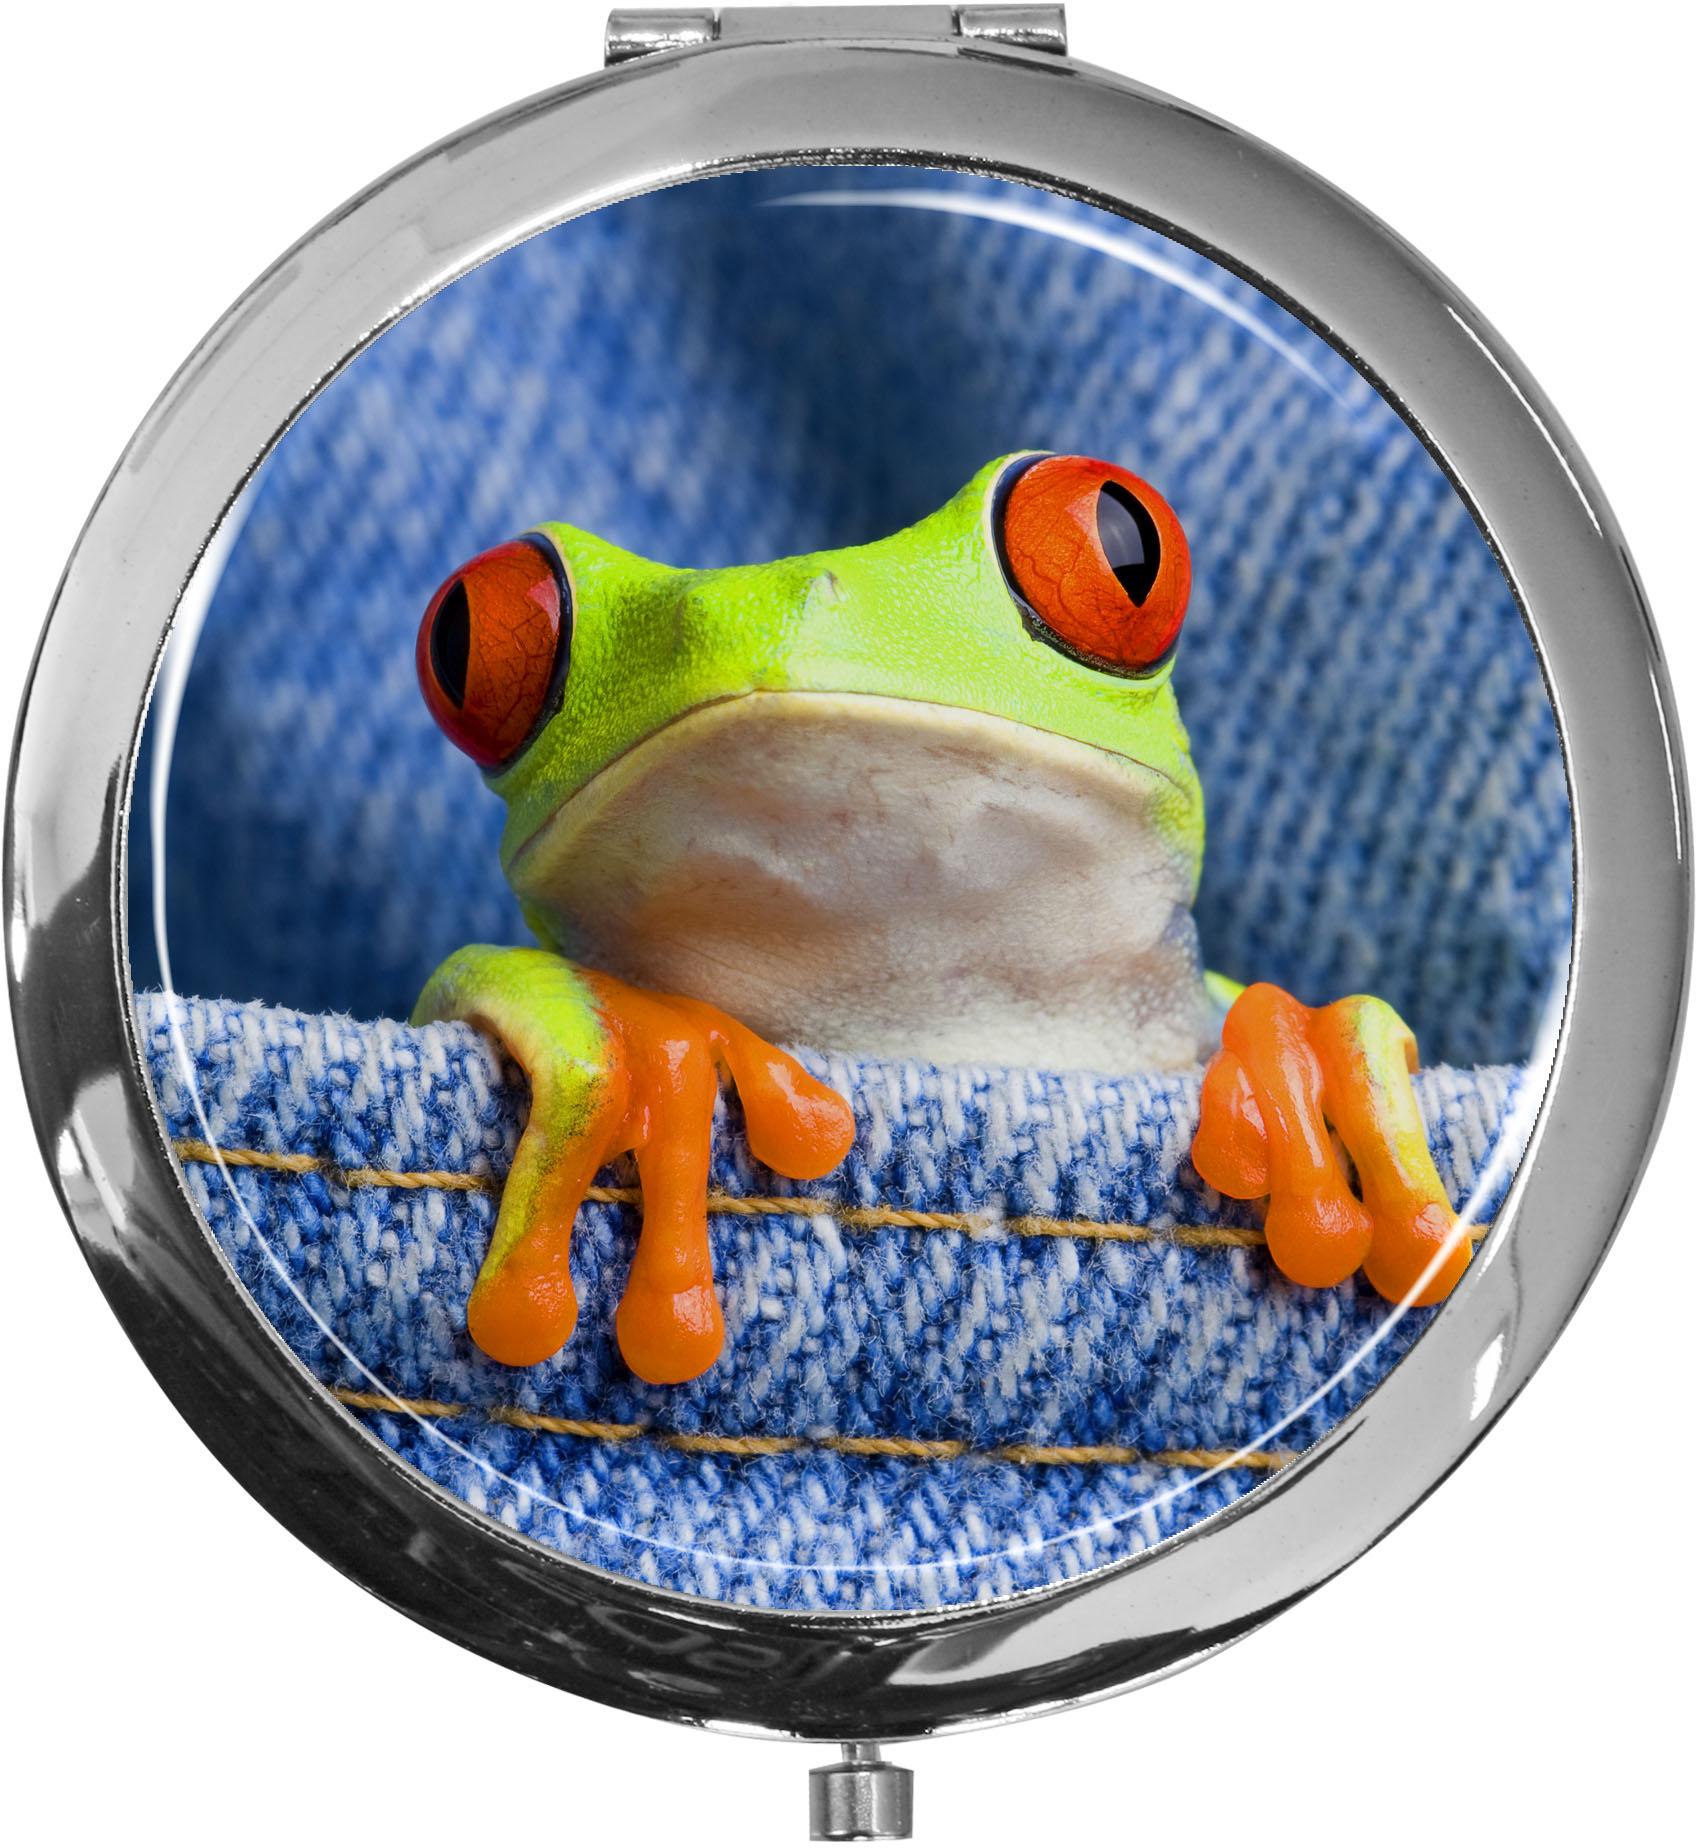 Taschenspiegel / Spiegel / Frosch / 2 fache Vergrößerung